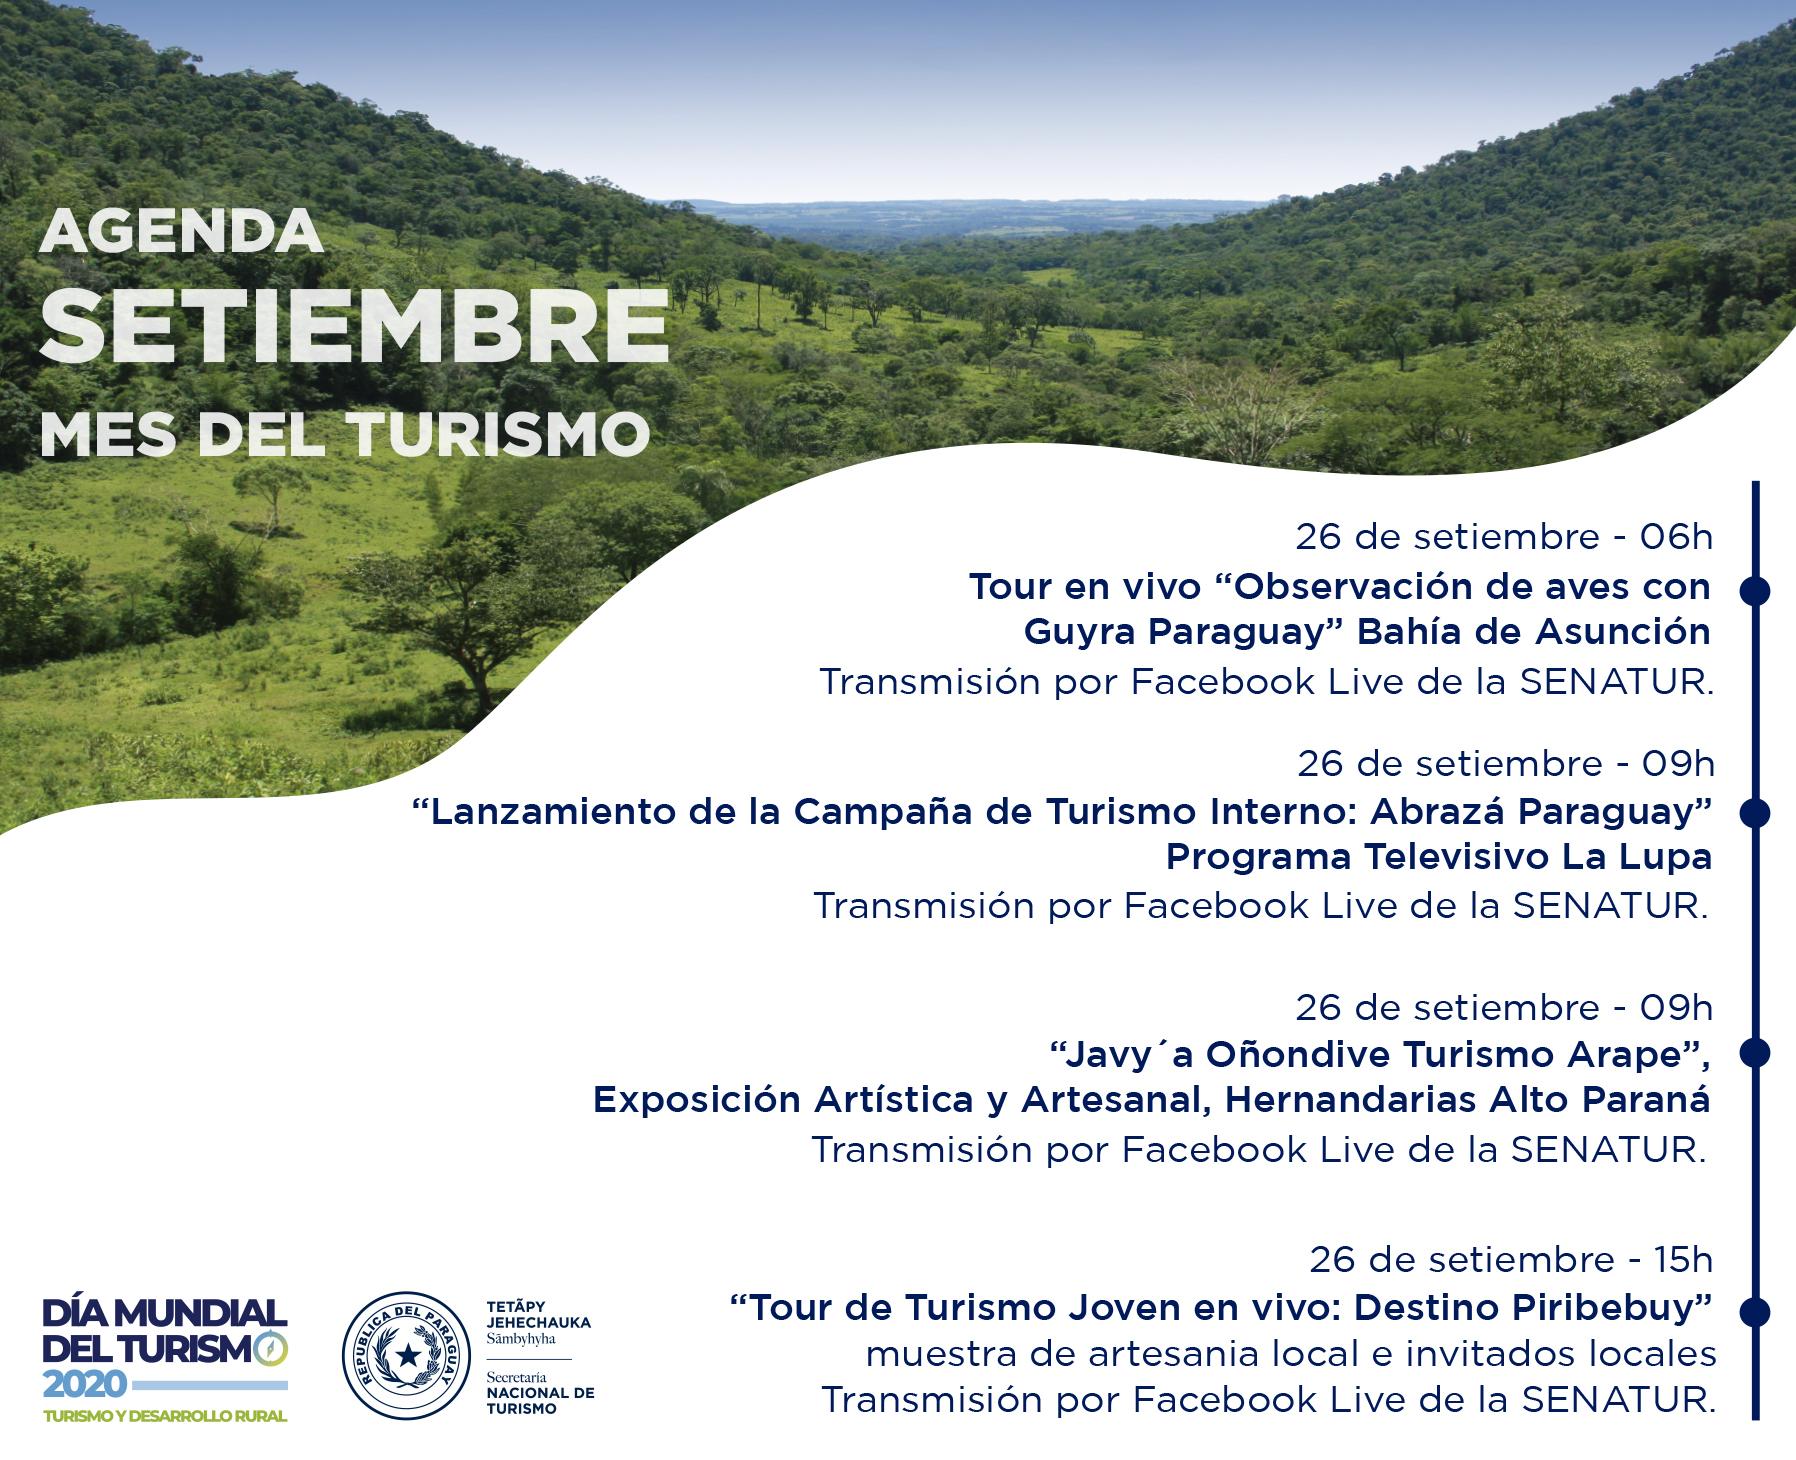 Semana del Turismo Paraguay